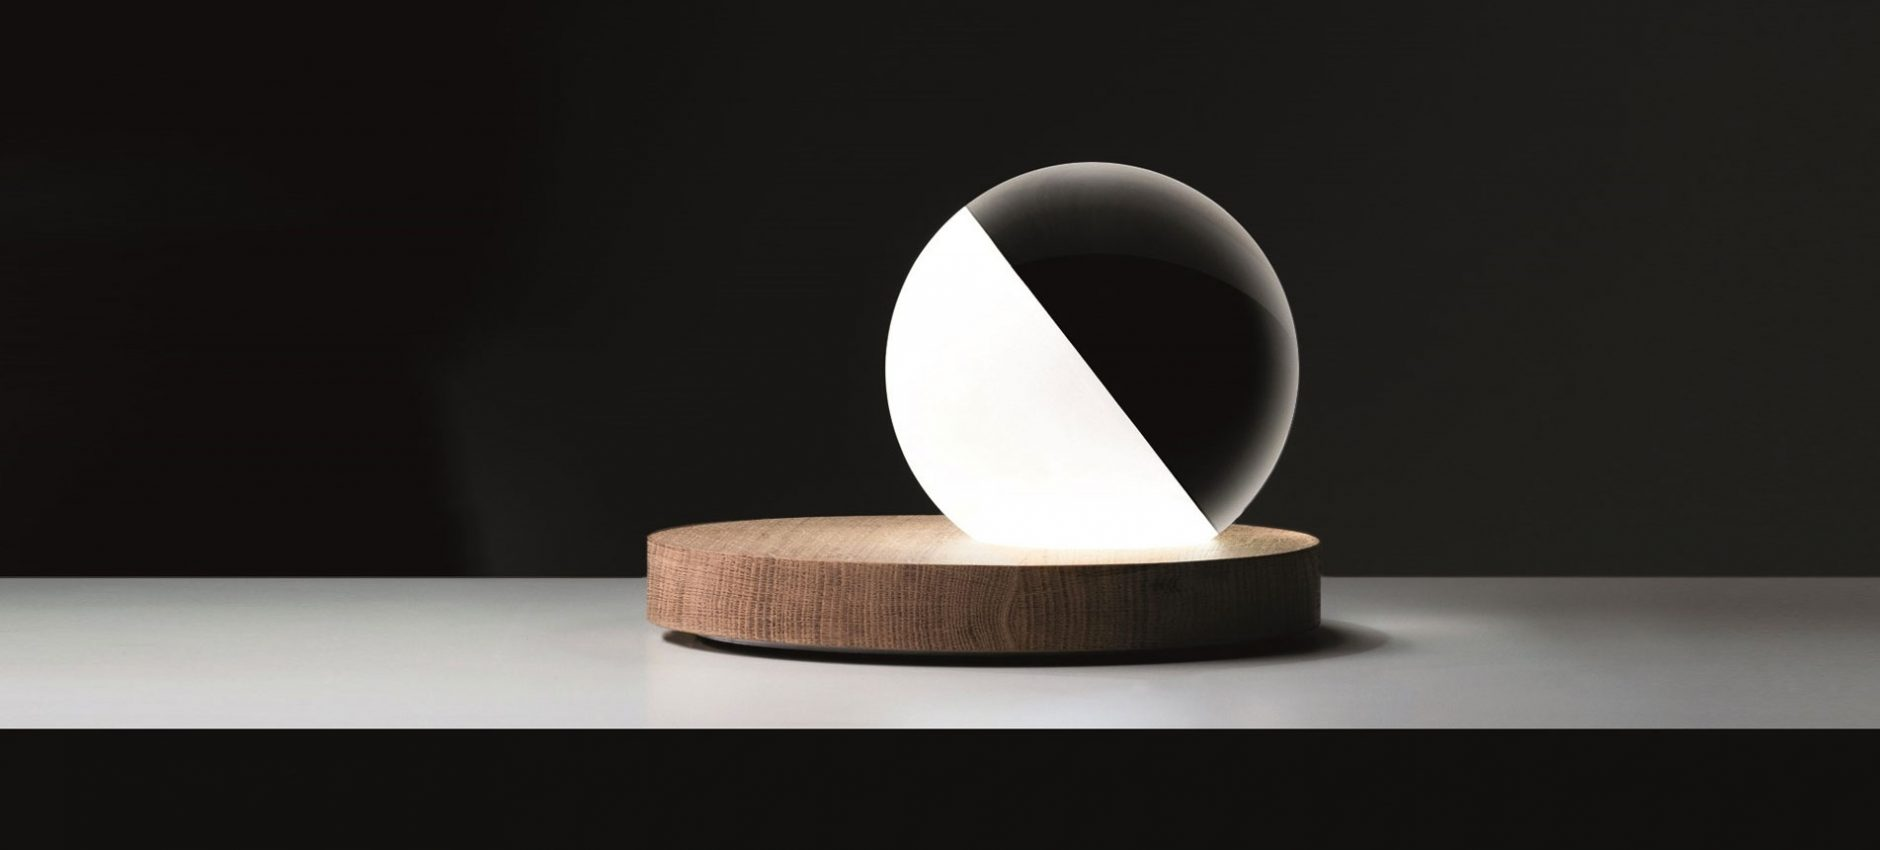 cdl-luce-illuminazione-vendita-lampade-da-tavolo-1.jpg